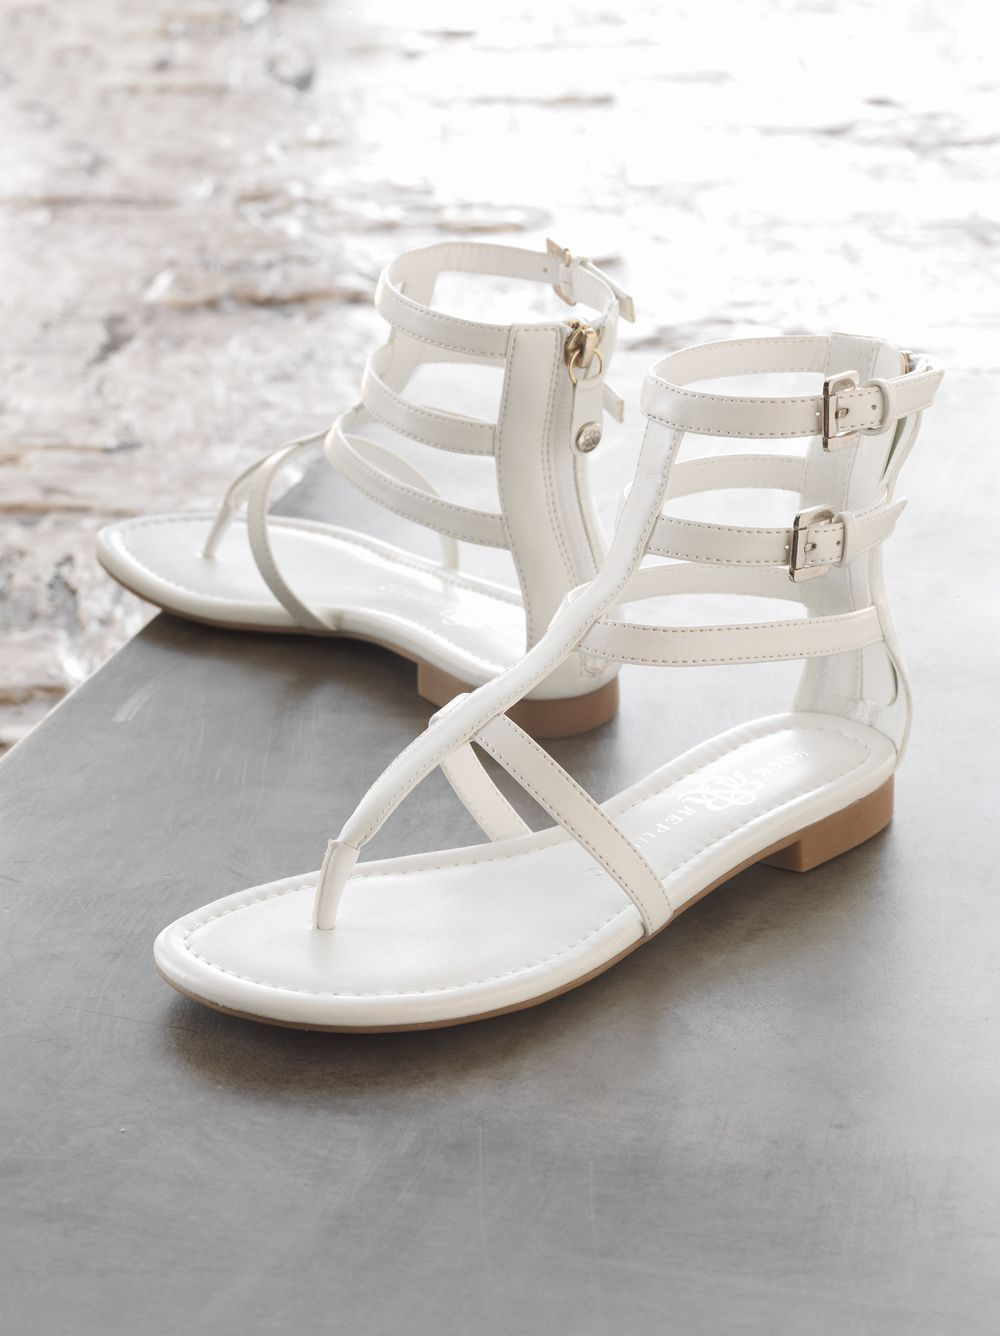 Shoes, Women shoes, Trendy shoes